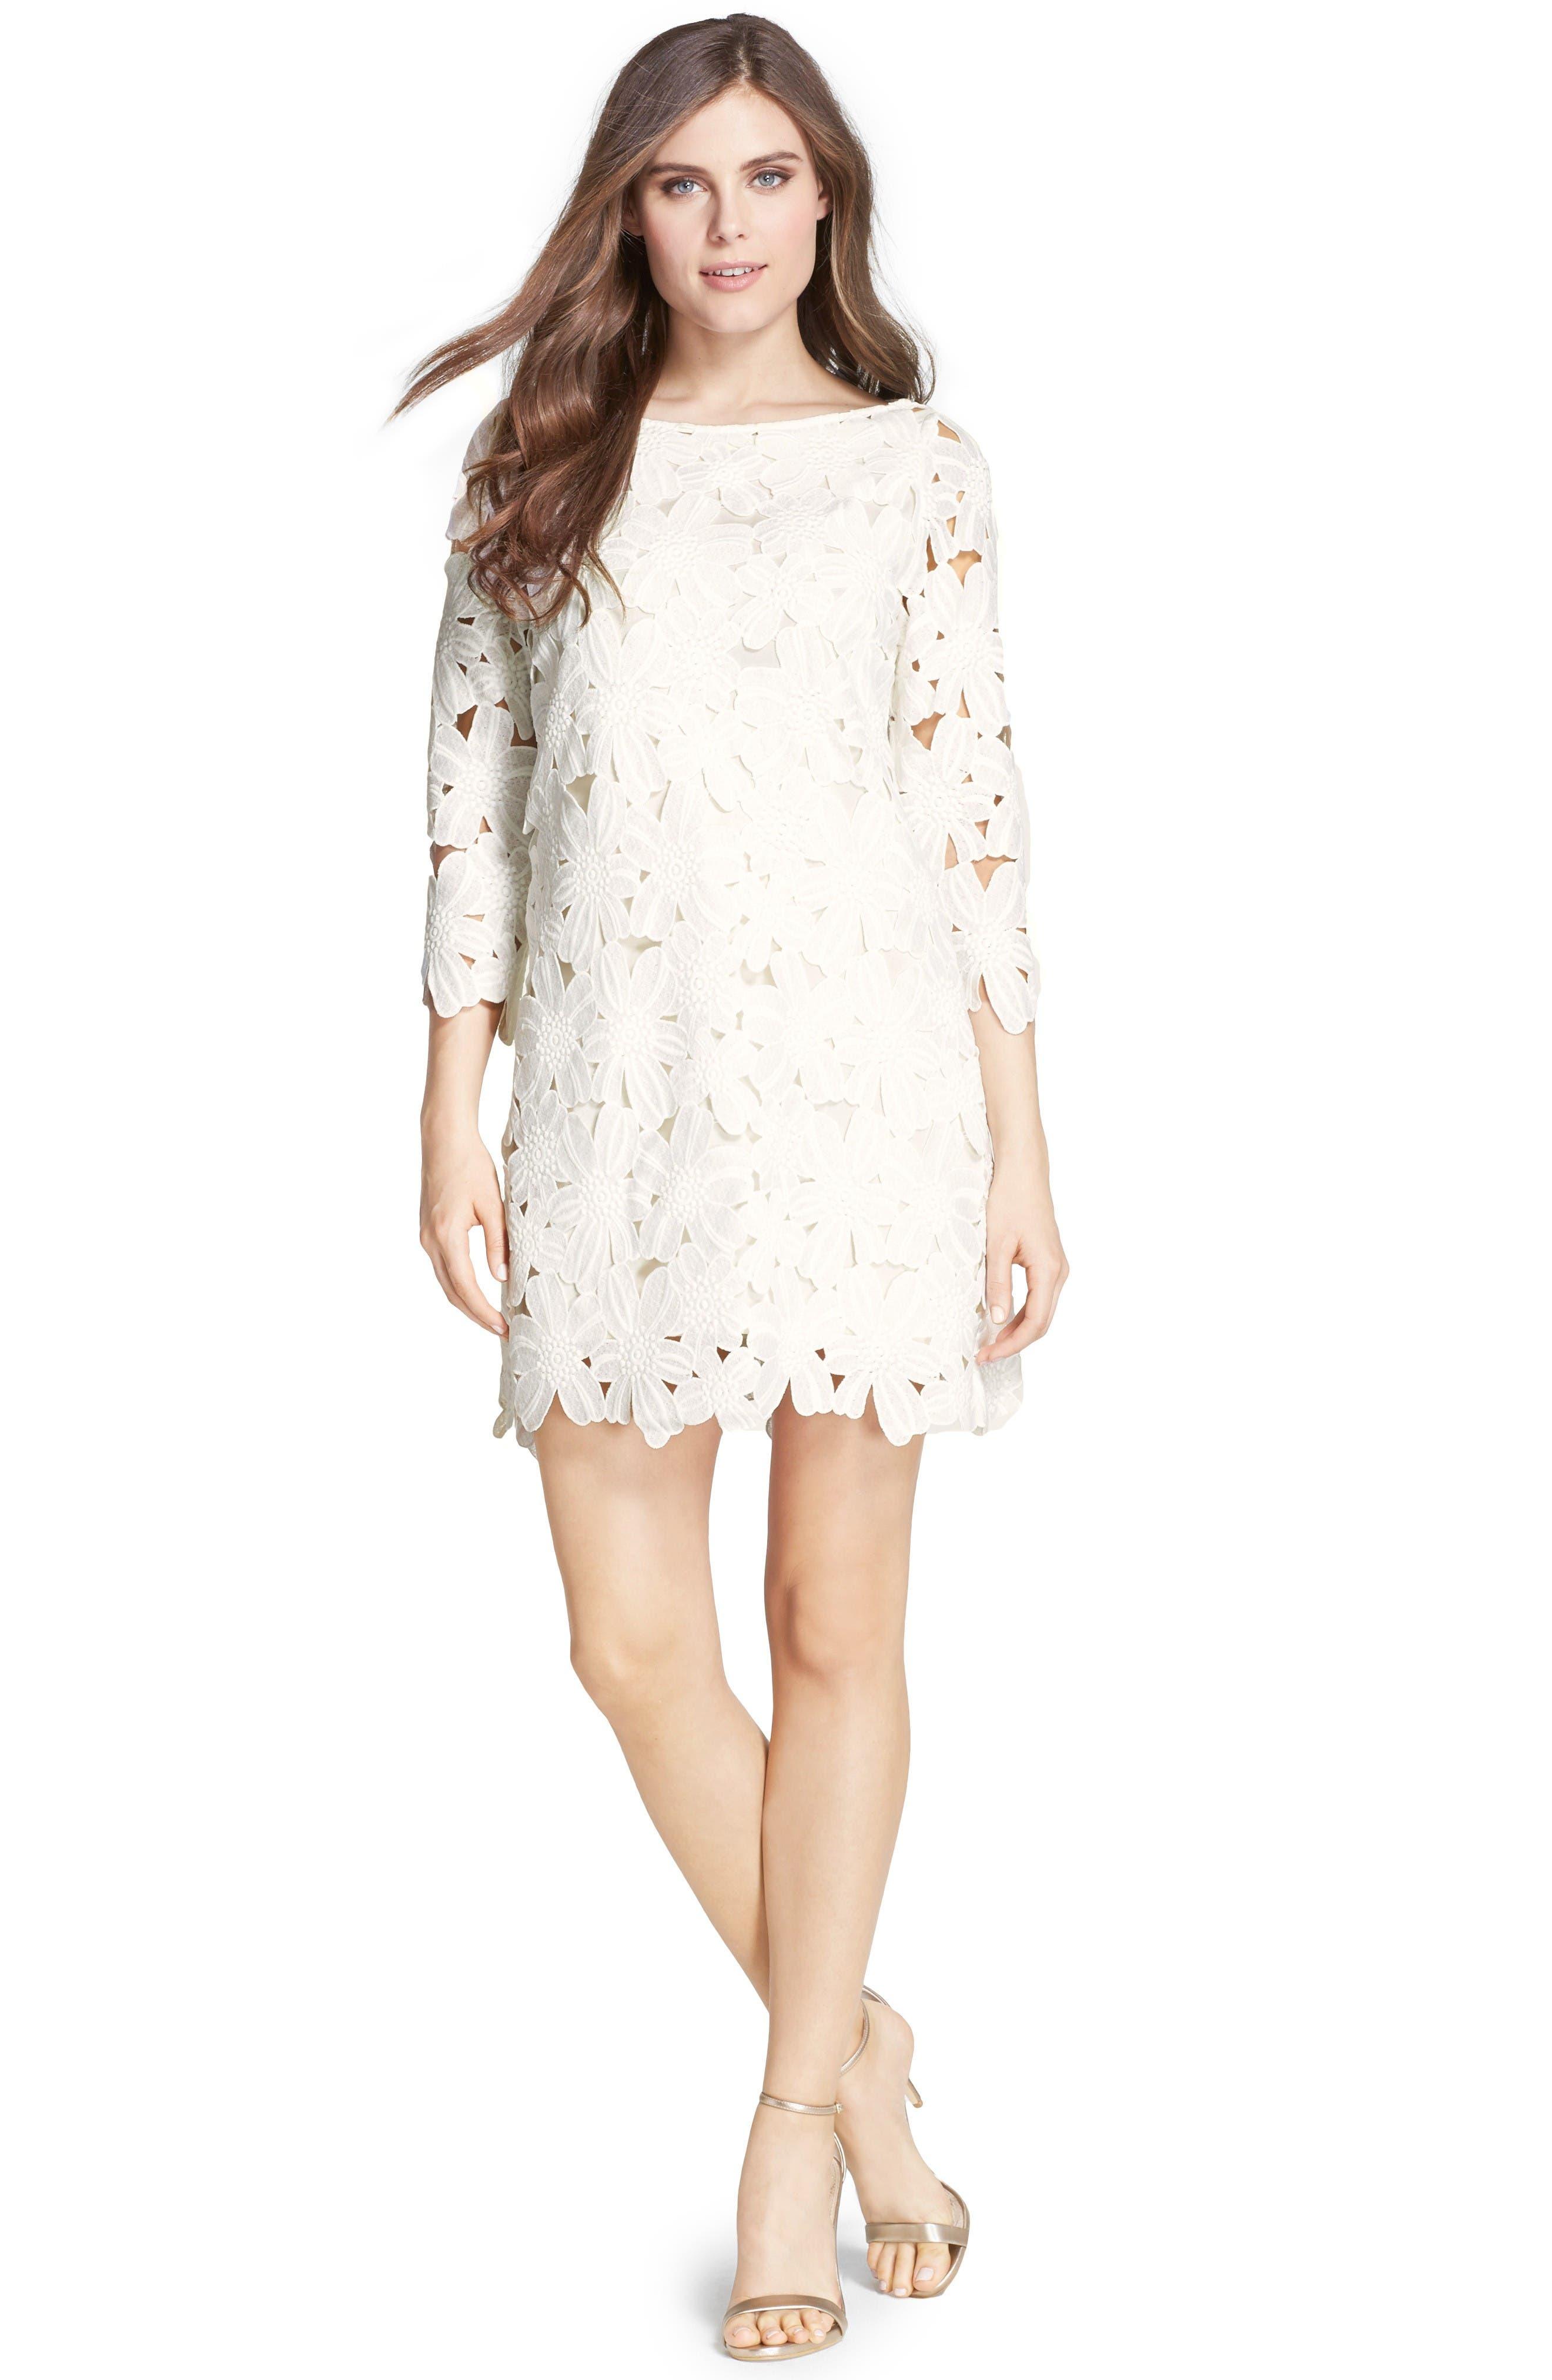 Belza Floral Lace Shift Dress,                         Main,                         color, 100